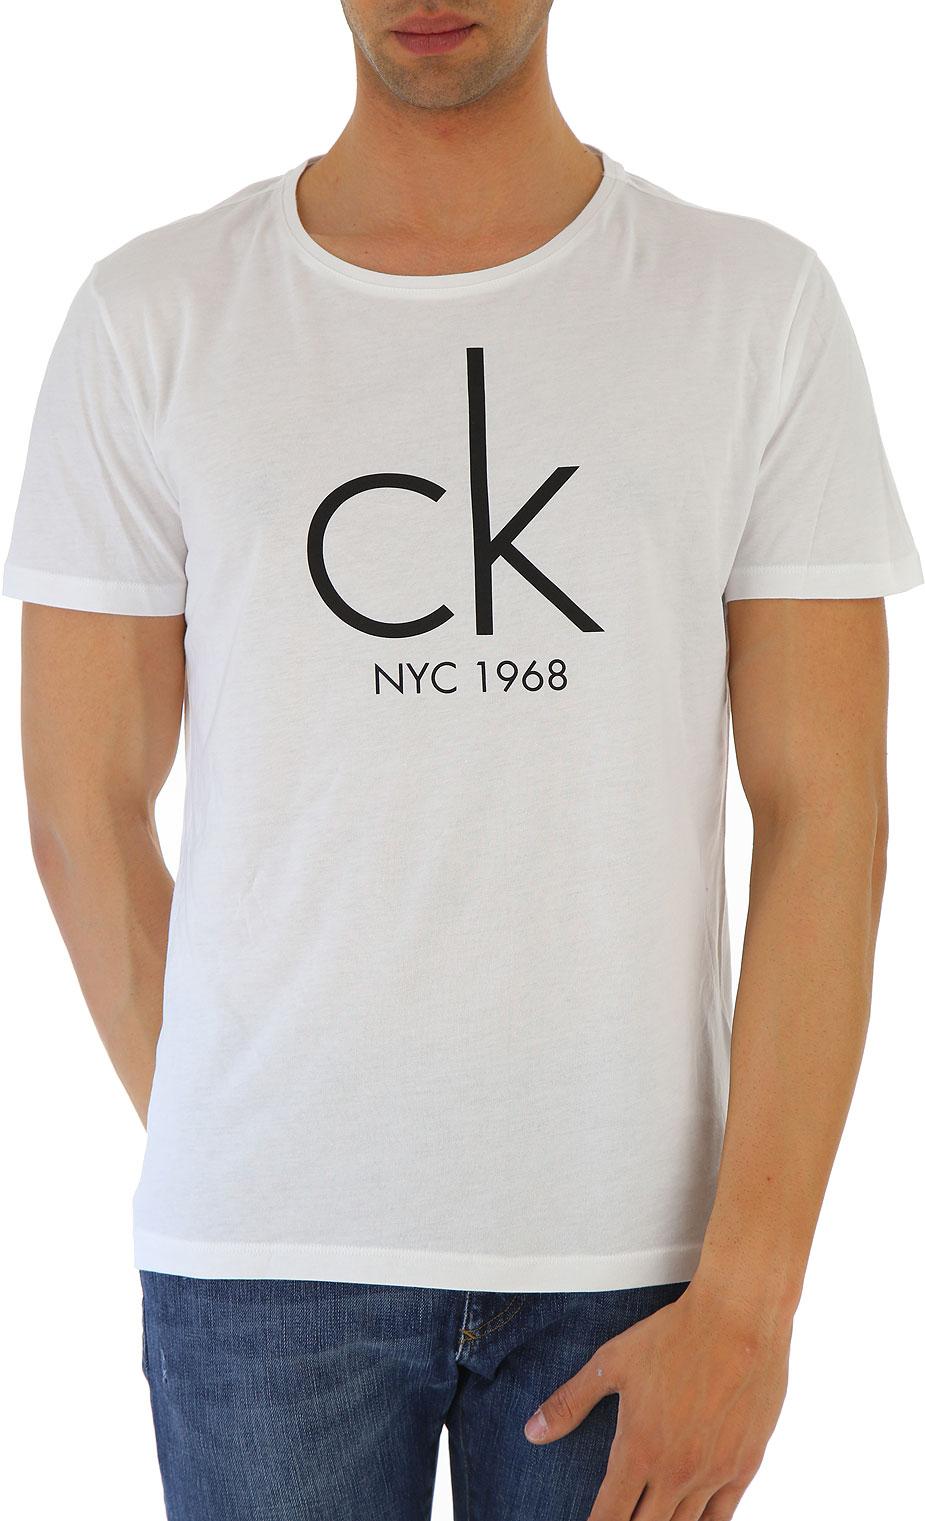 Abbigliamento Uomo Calvin Klein, Codice Articolo: km0km00189-100-